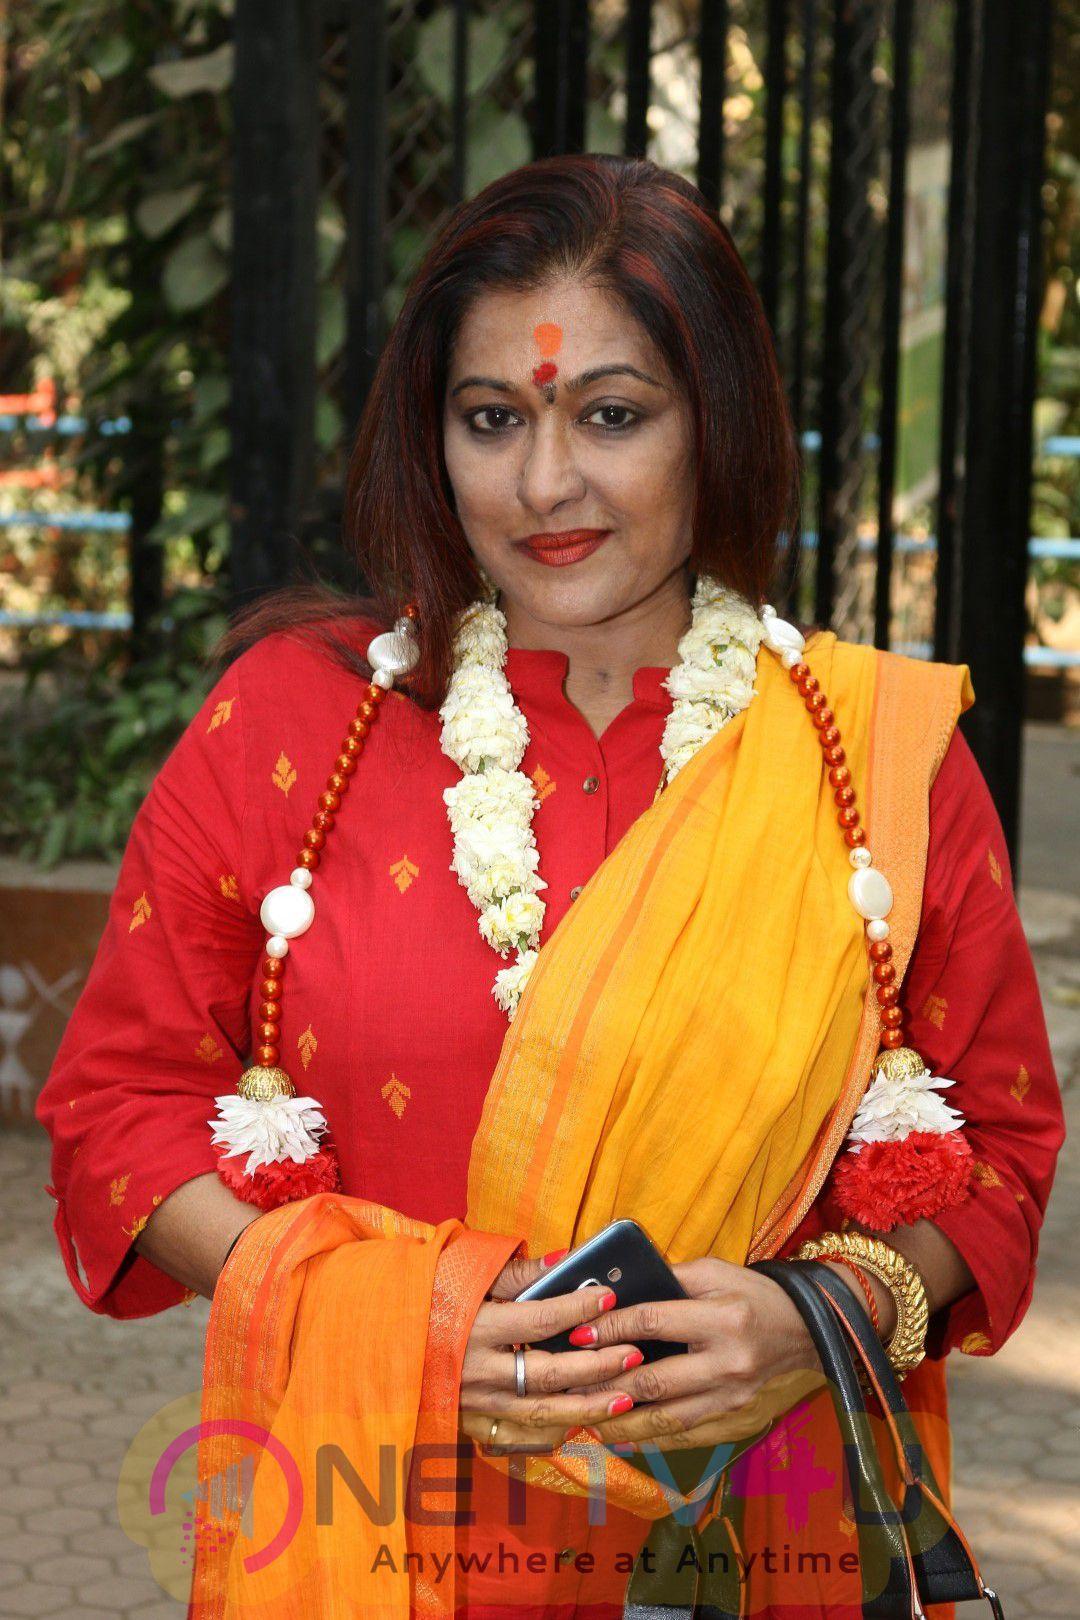 Singer Sonali Kumar Rathod Celebrate Her Birthday On Valentine Day With Special Kids Stills